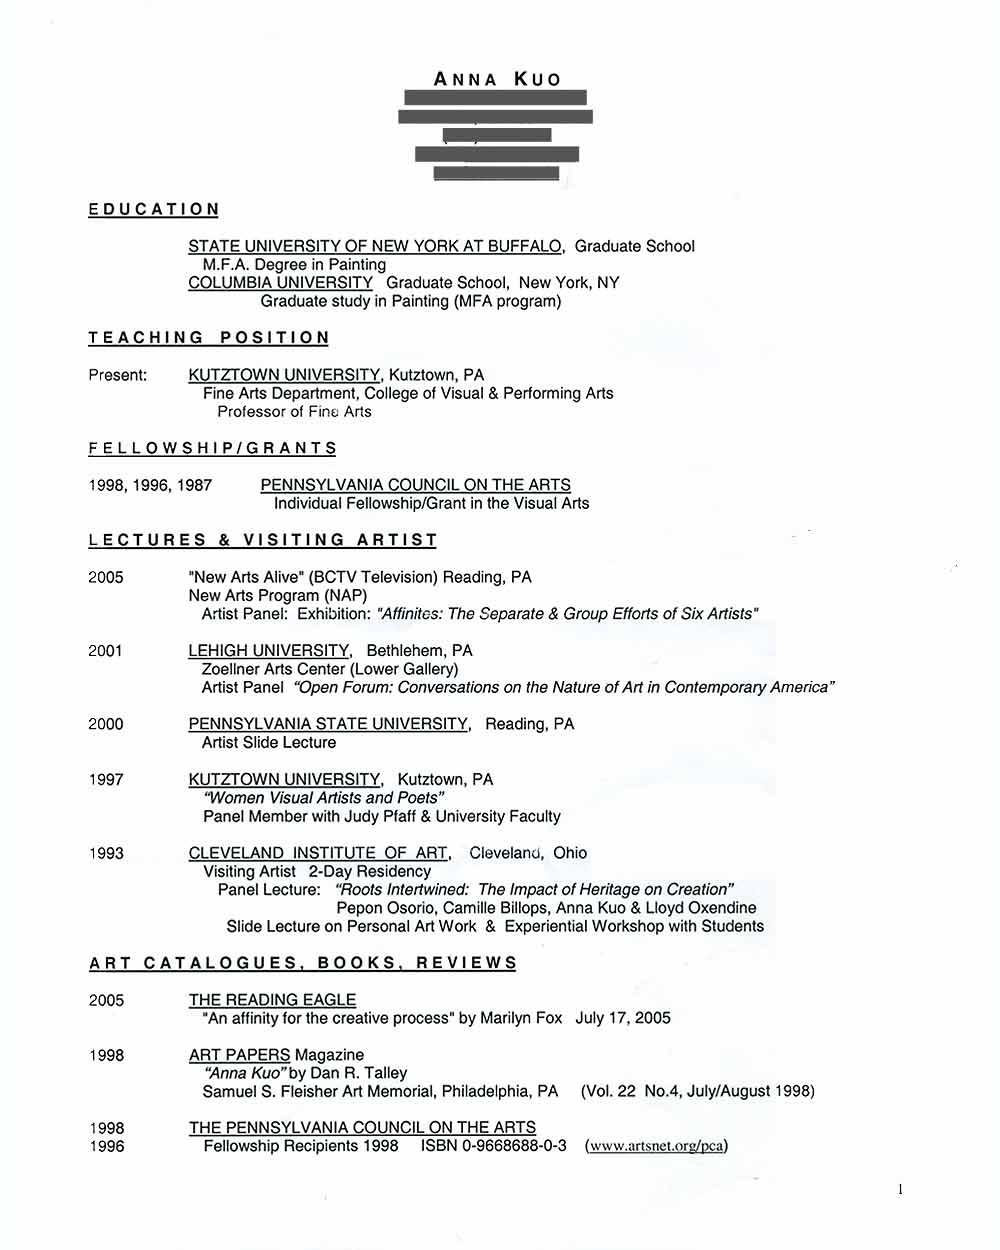 Anna Kuo's Resume, pg 1